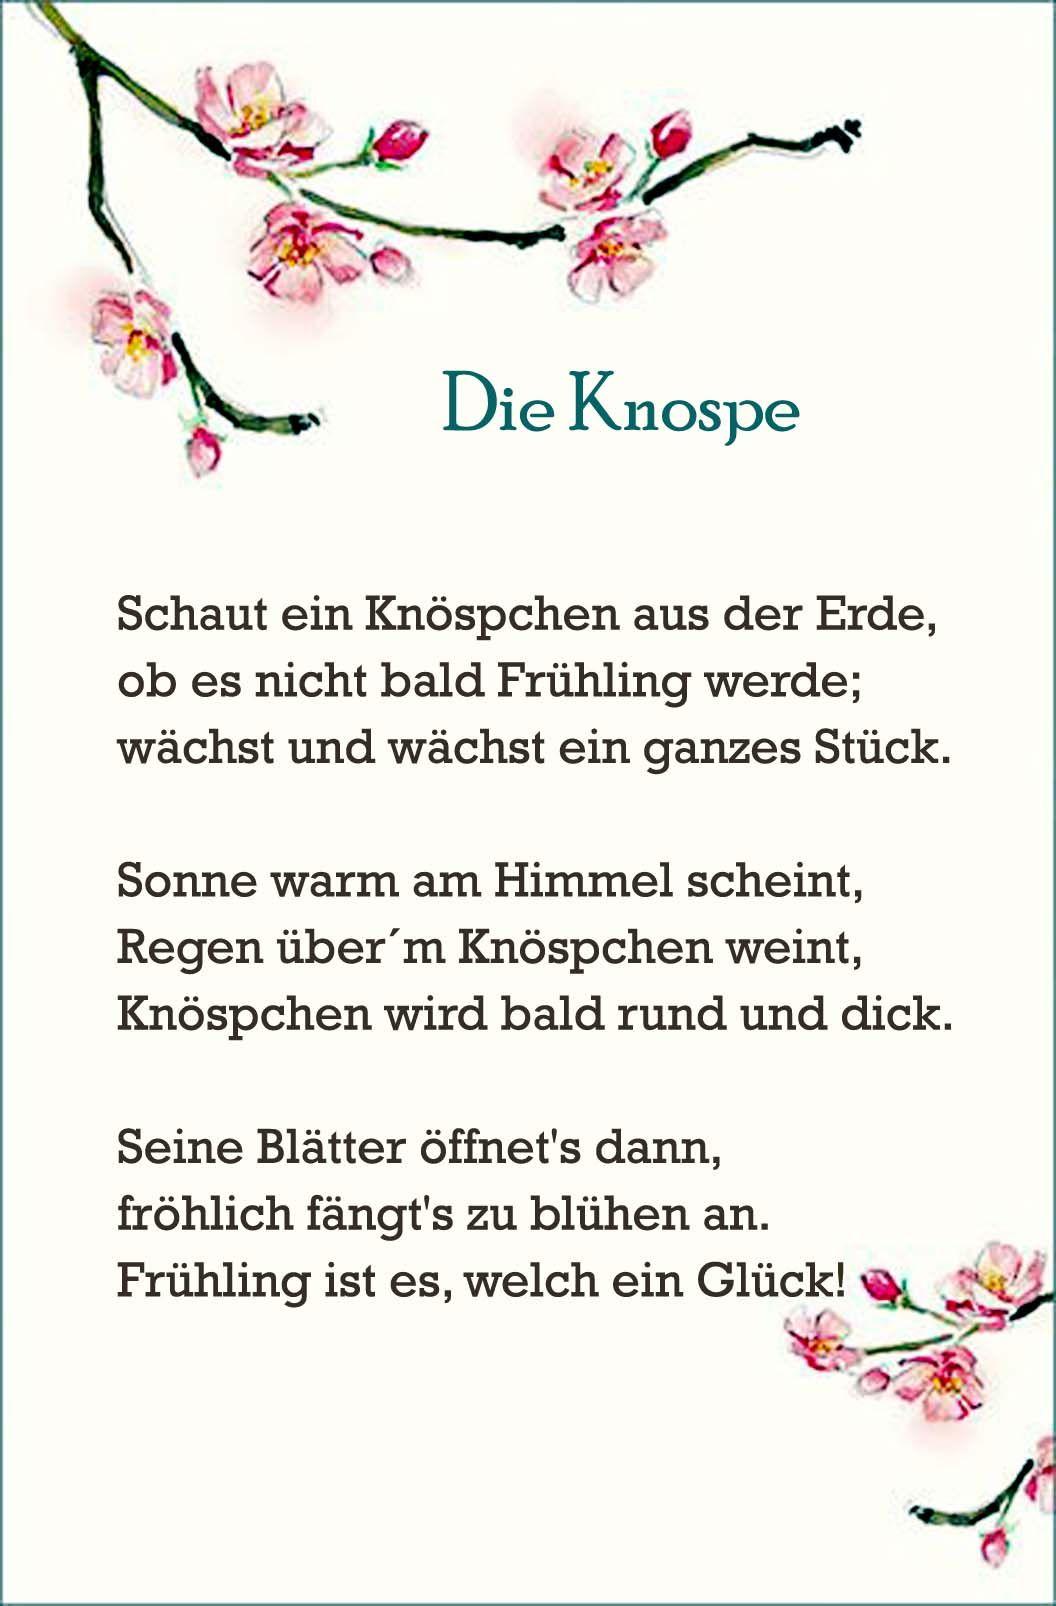 Die Knospe | Gedichte | Pinterest | Kindergarten, Life ...